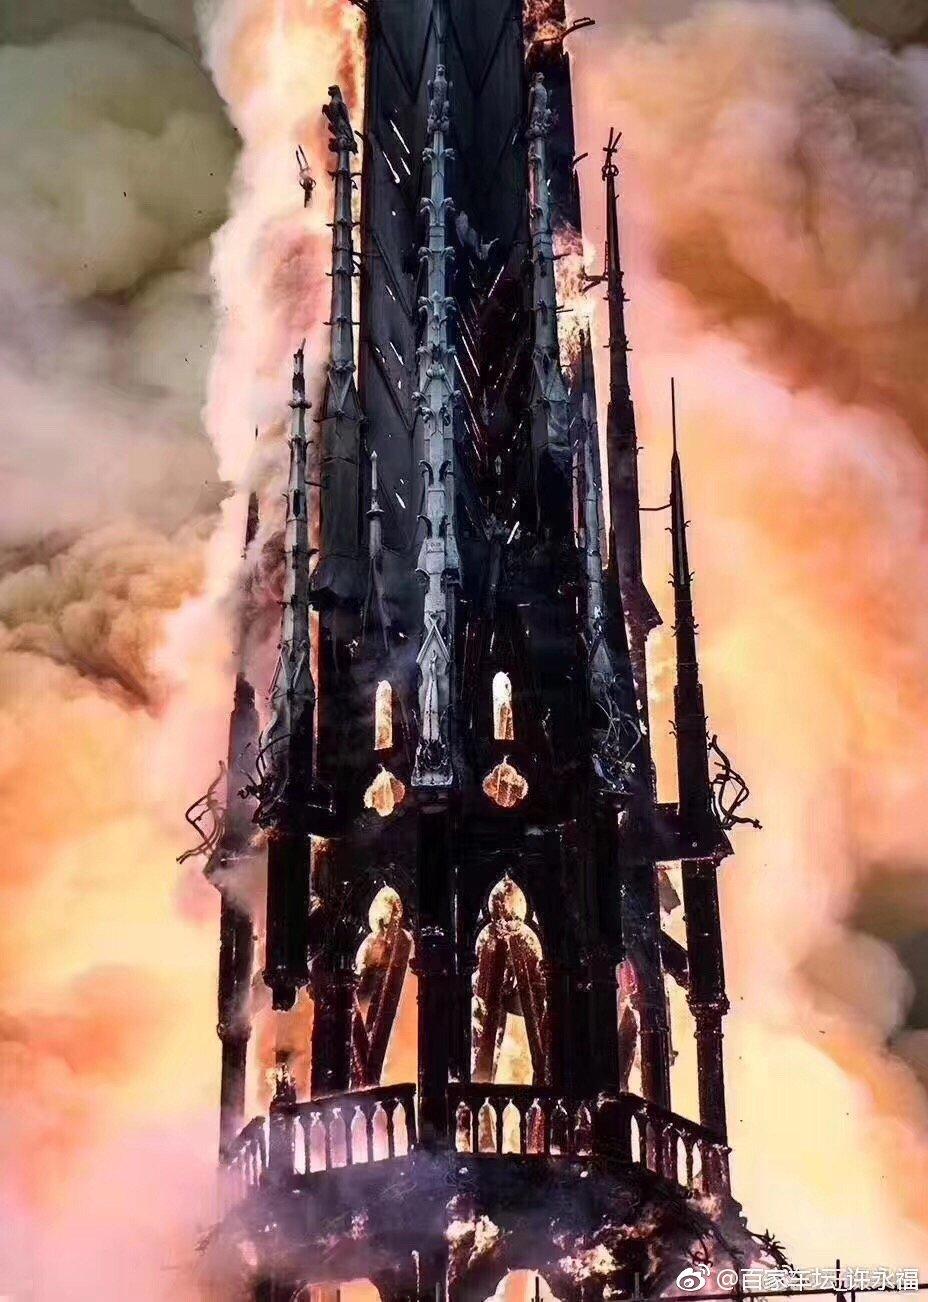 浩劫。巴黎圣母院大火。就在上海车展这一天。🙏🙏